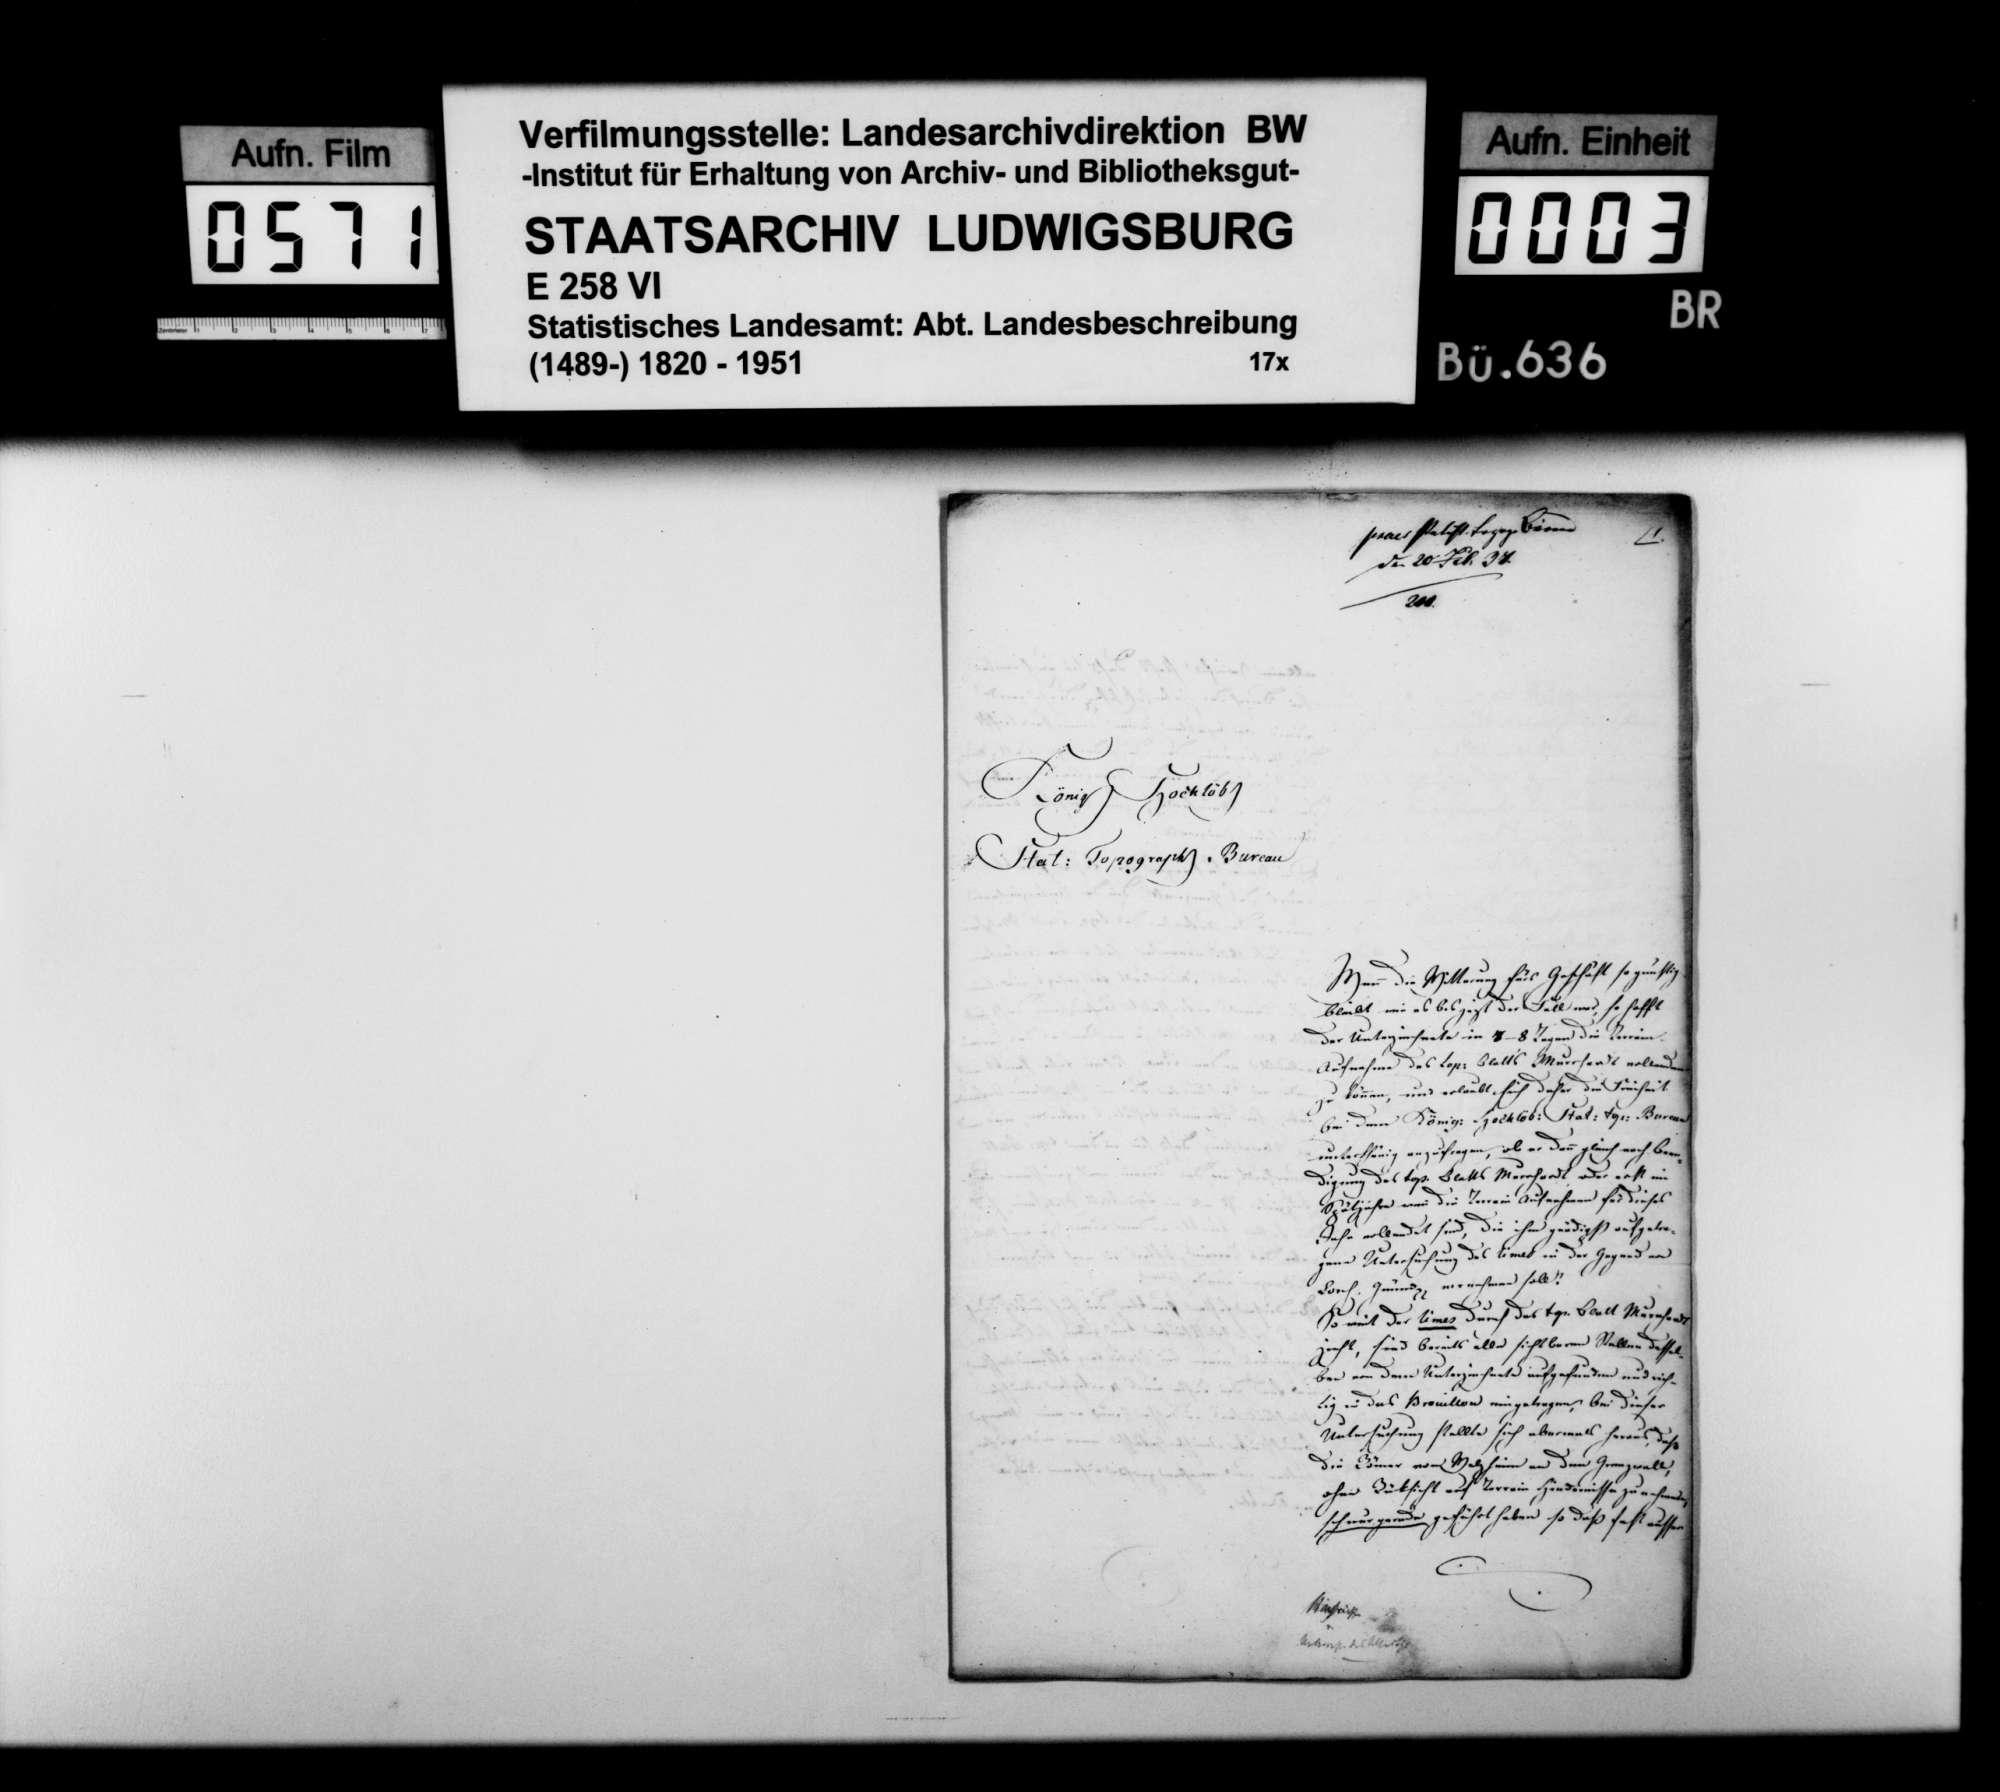 Bericht des Topographen [Karl Eduard] Paulus über römische und mittelalterliche Altertümer im Oberamt, Bild 2